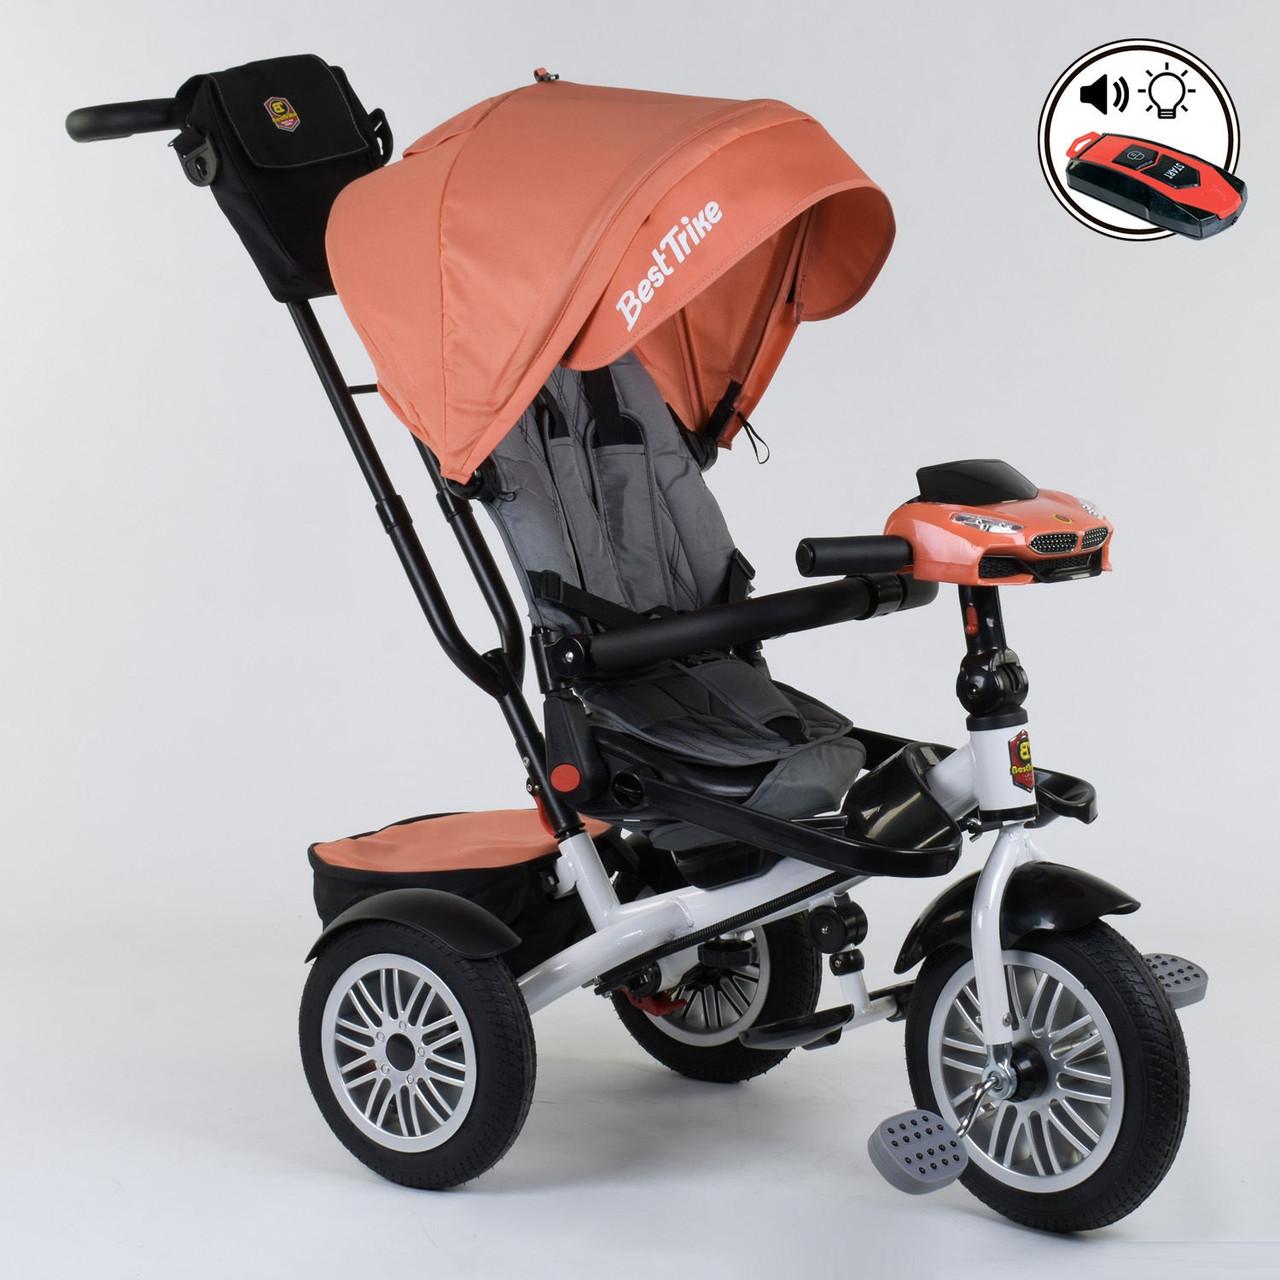 Велосипед 3-х колёсный Best Trike с поворотным сиденьем 9288 В - 4716, складной руль, русское озвучивание, надувные колеса, пульт включения света и